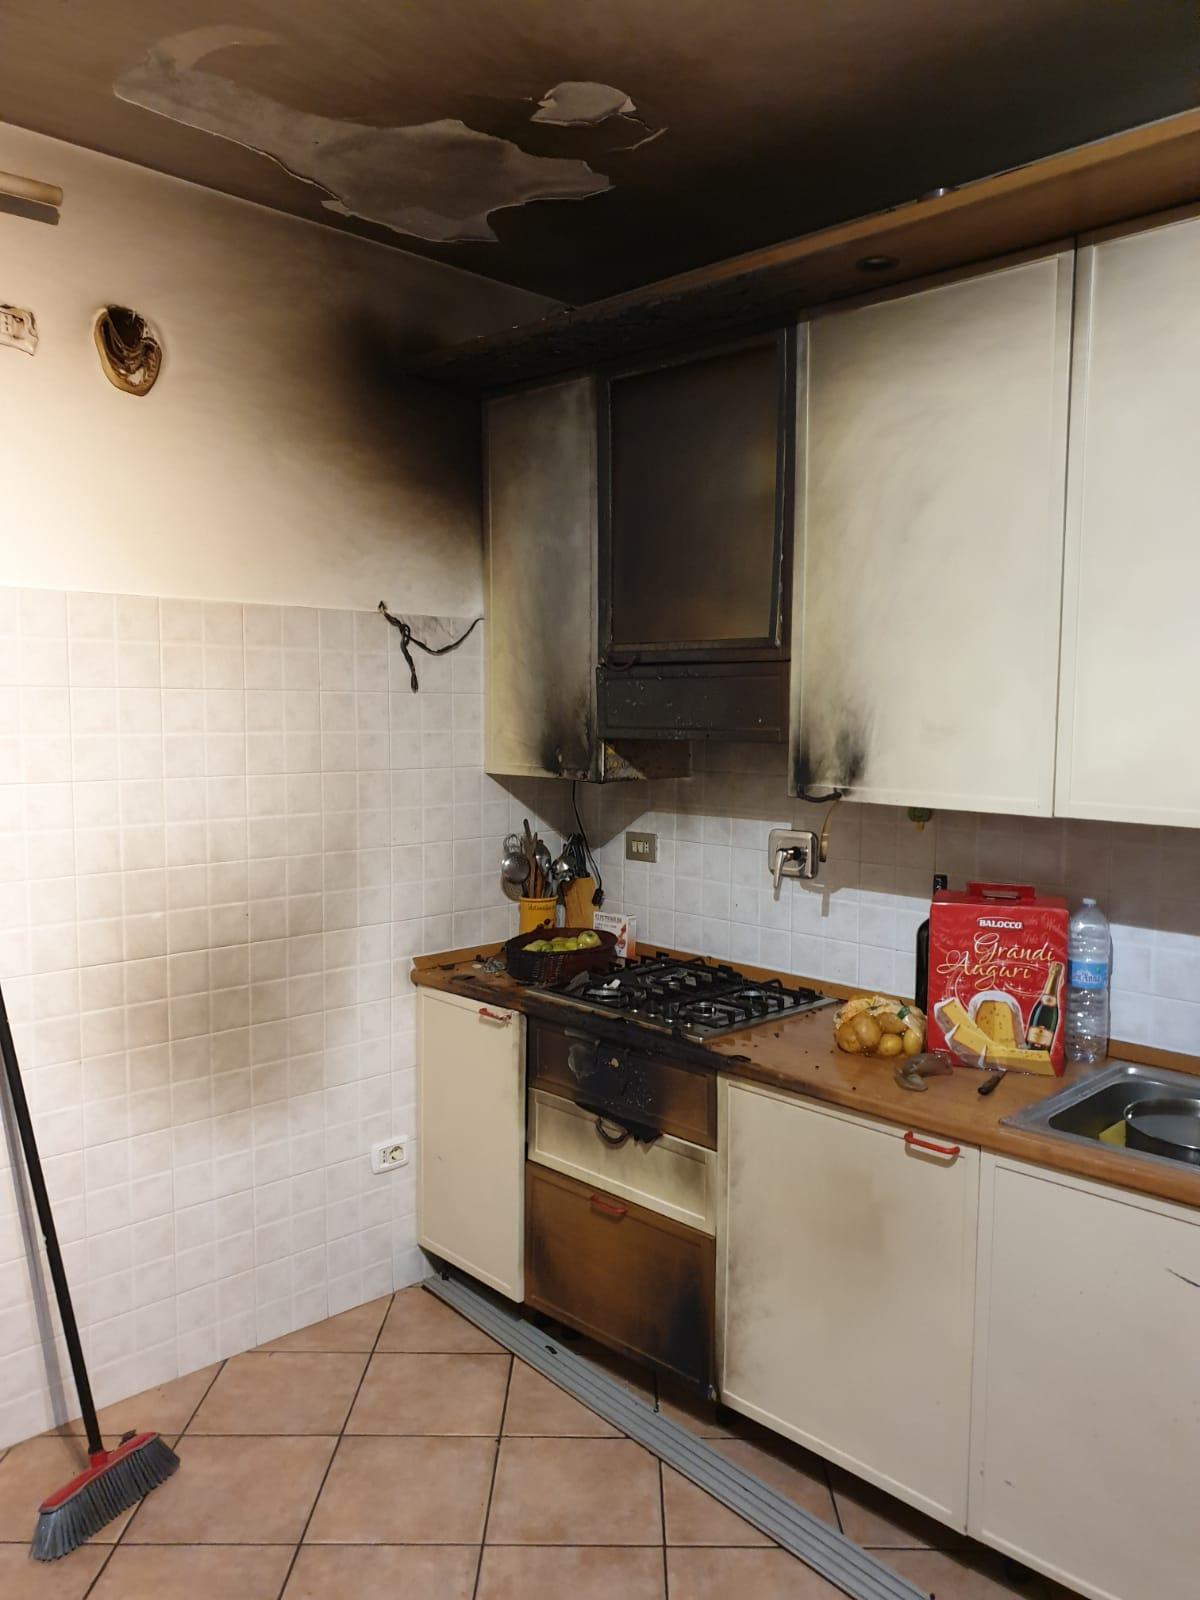 CARMAGNOLA – Incendio in appartamento: bombola del gas rischiava di esplodere